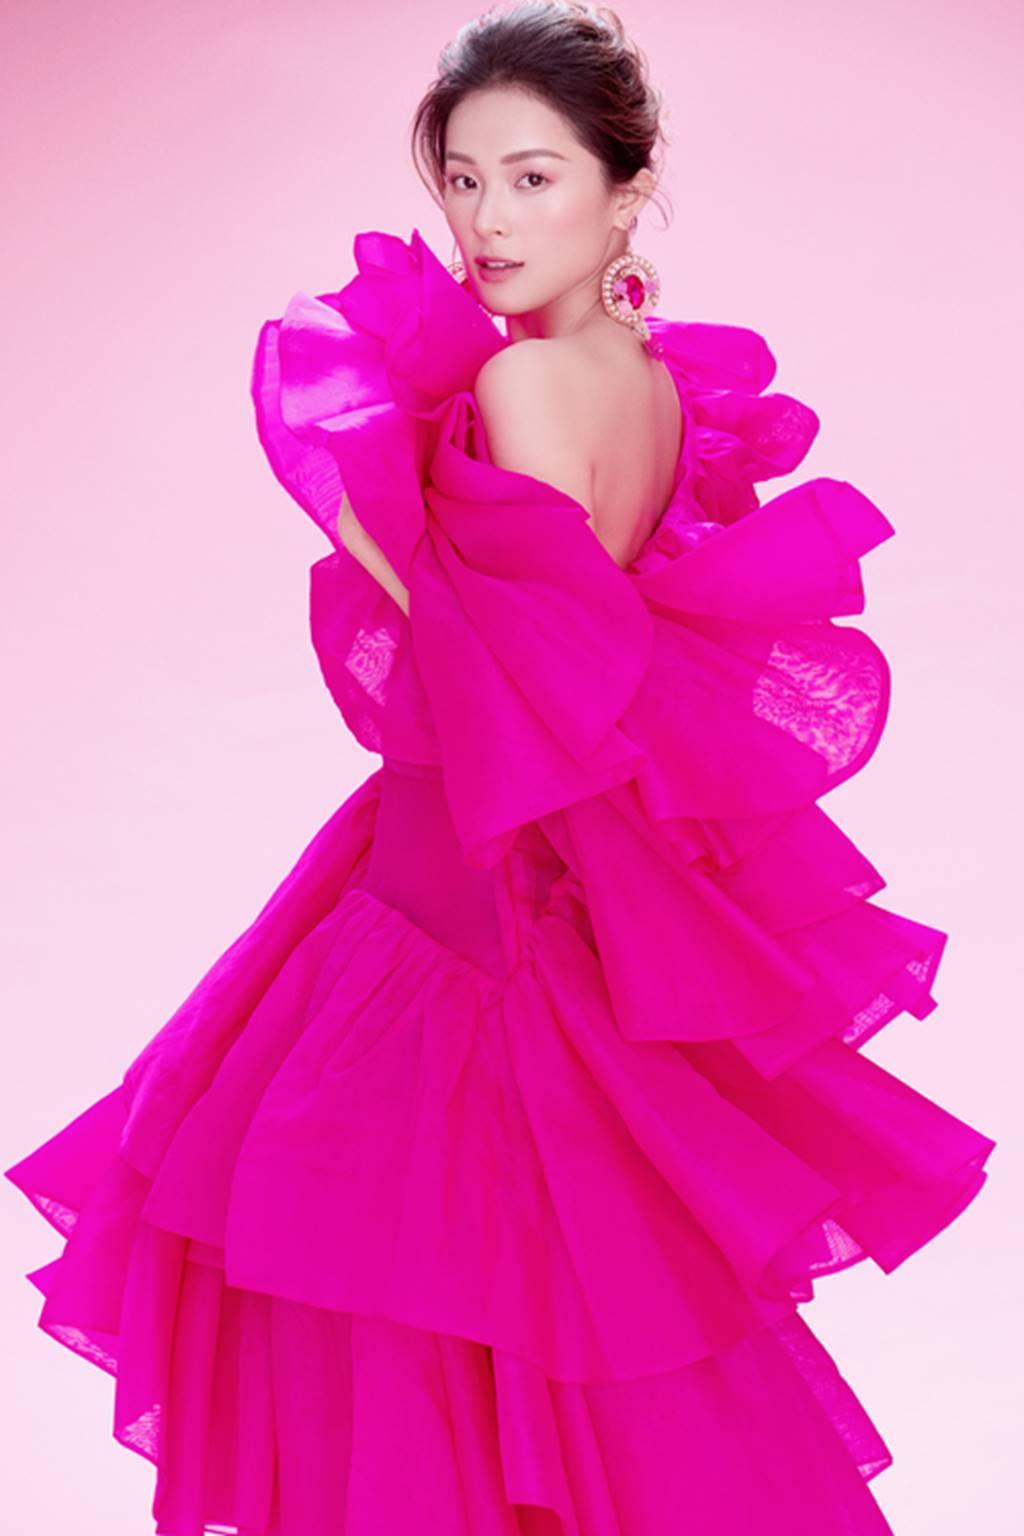 Hạ Vy đẹp mong manh trong sắc hồng của Đỗ Mạnh Cường-11